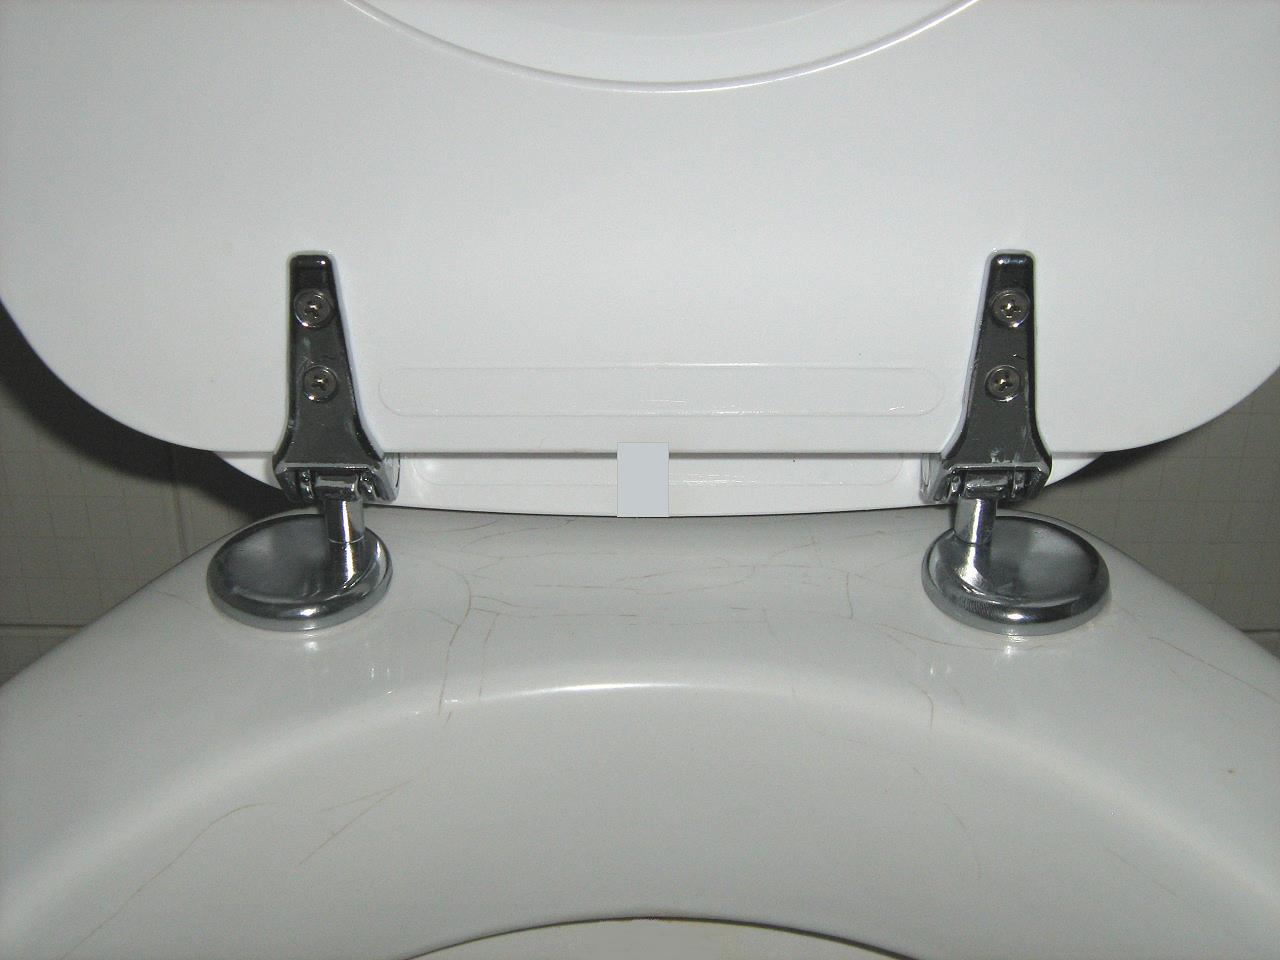 Sedili Wc Ikea : Sedili wc ikea water con archives vladmirita amabile water con